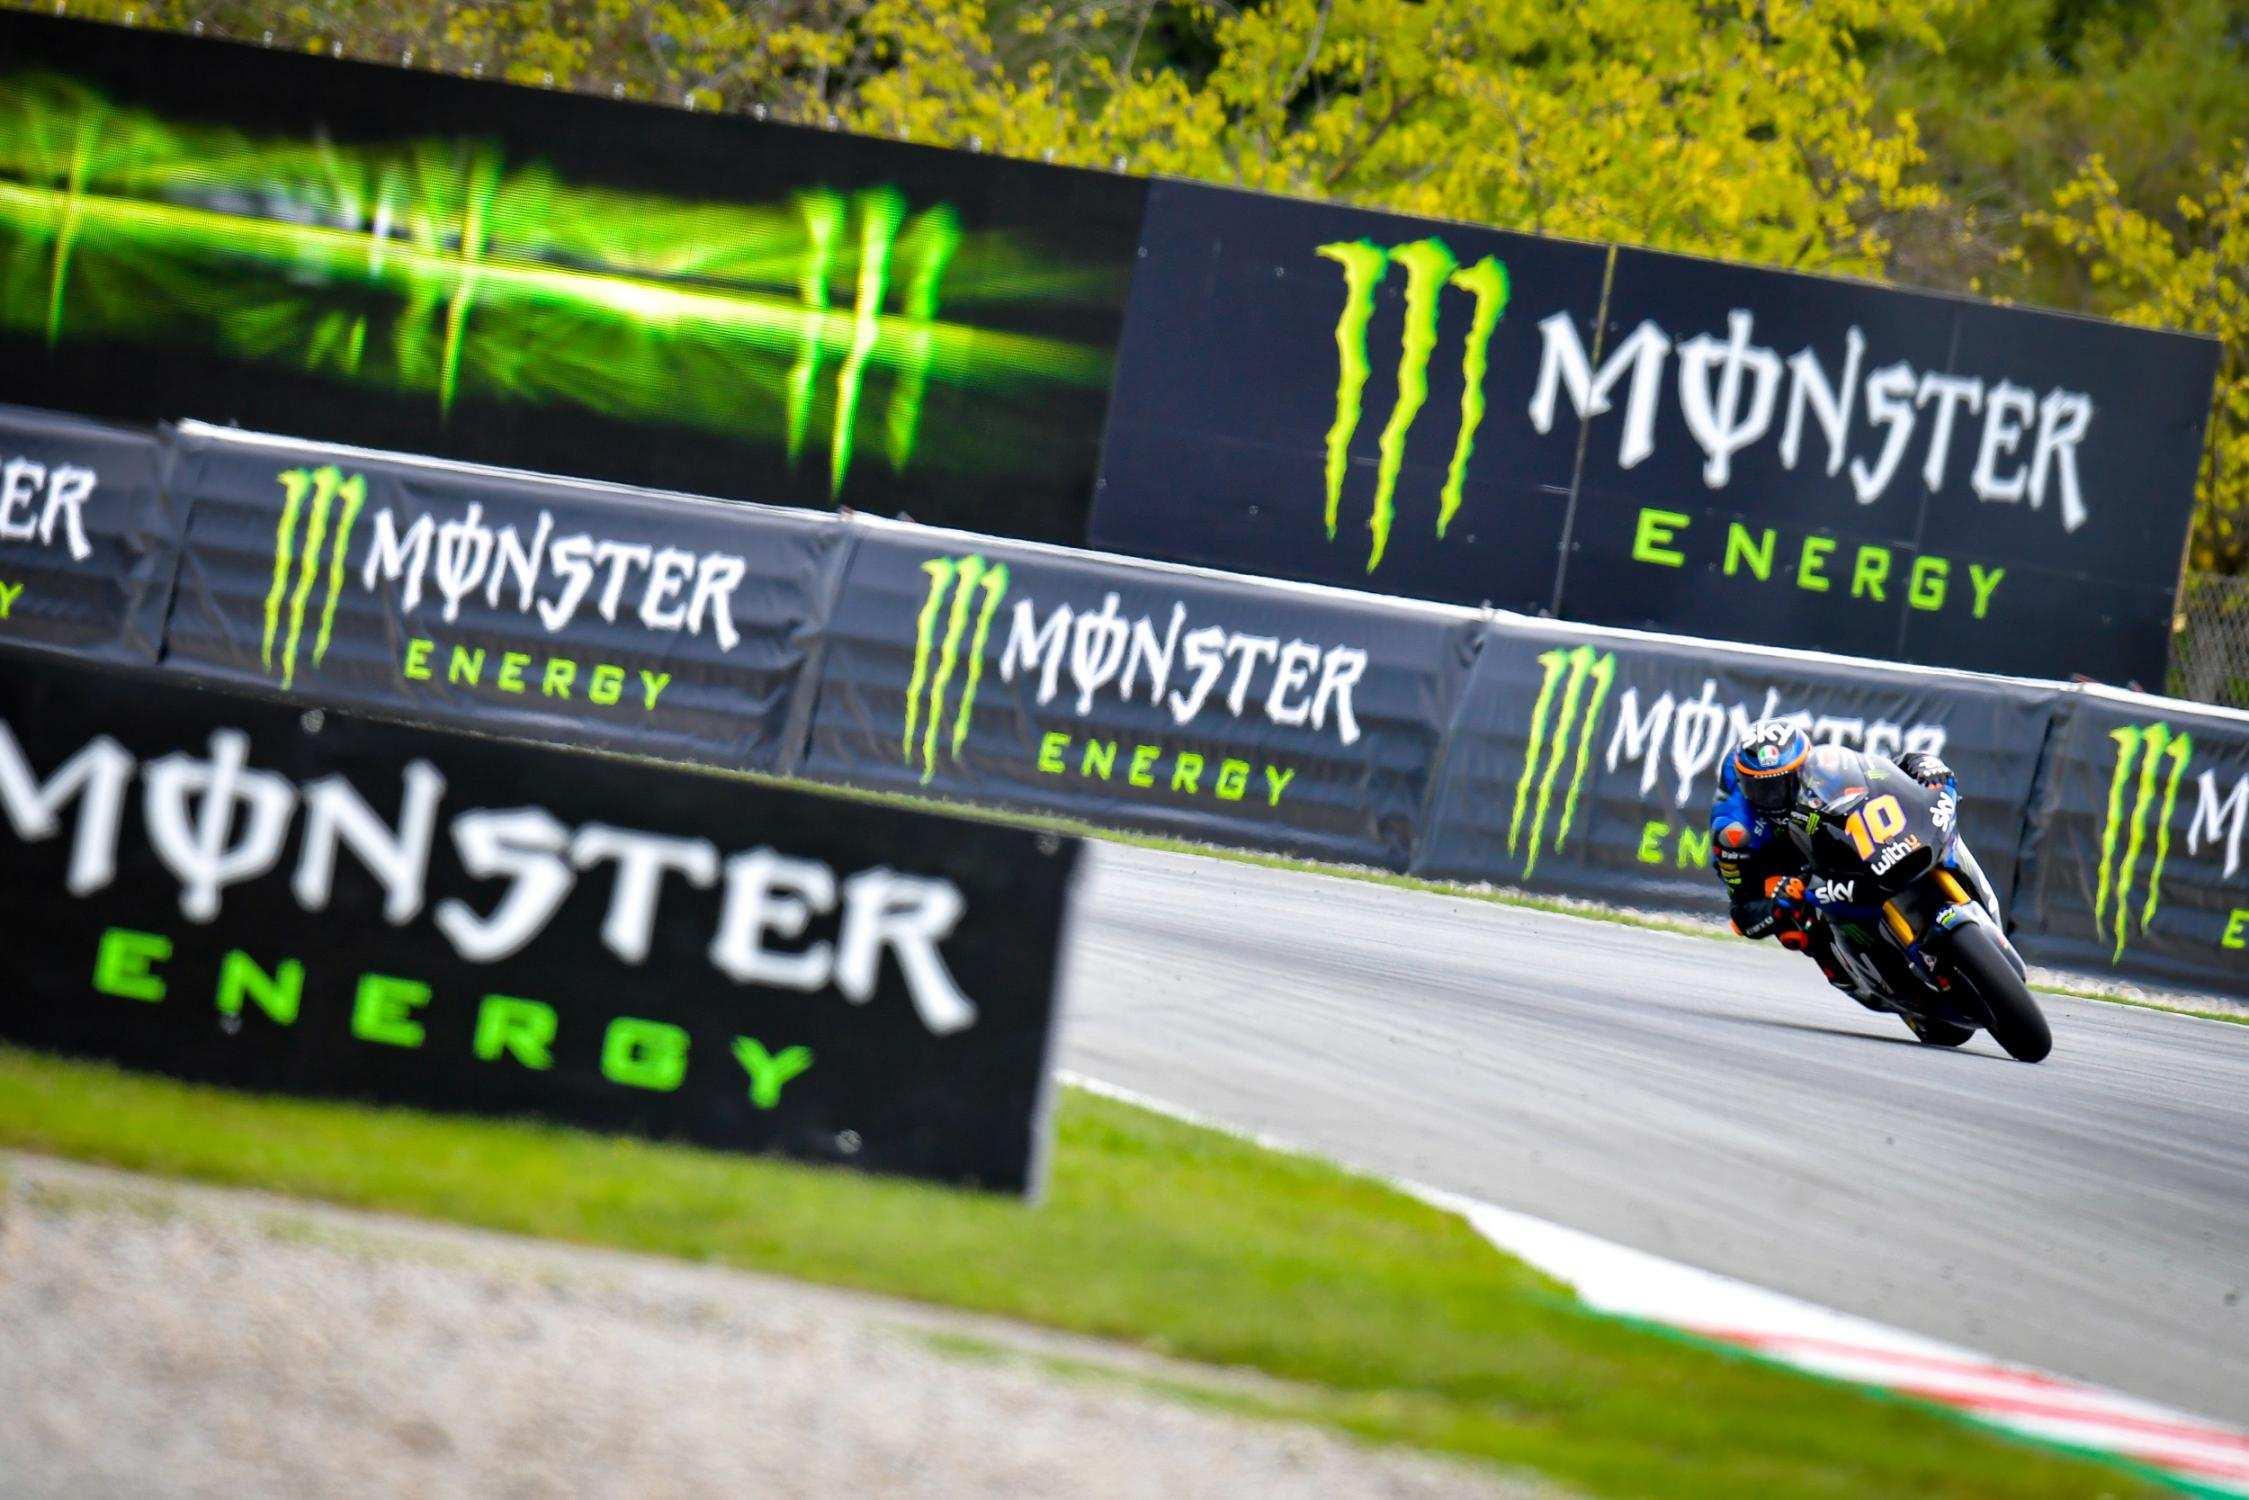 Gara Moto2 Moto3 GP Catalogna 2020, i risultati